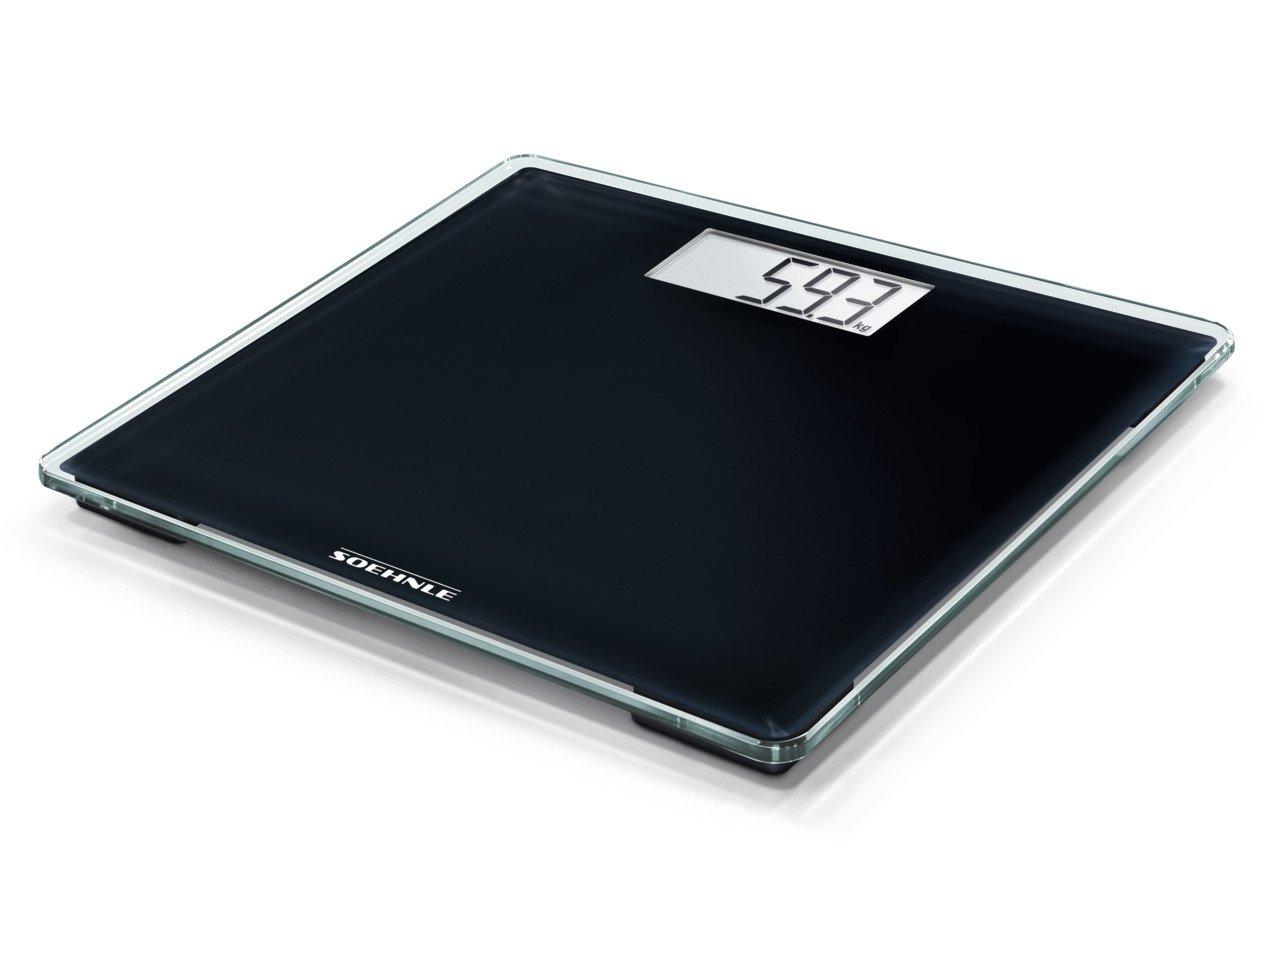 Soehnle Style Senseコンパクト電子体重計 - 100スケール、シルバー   B01N0IVMJA